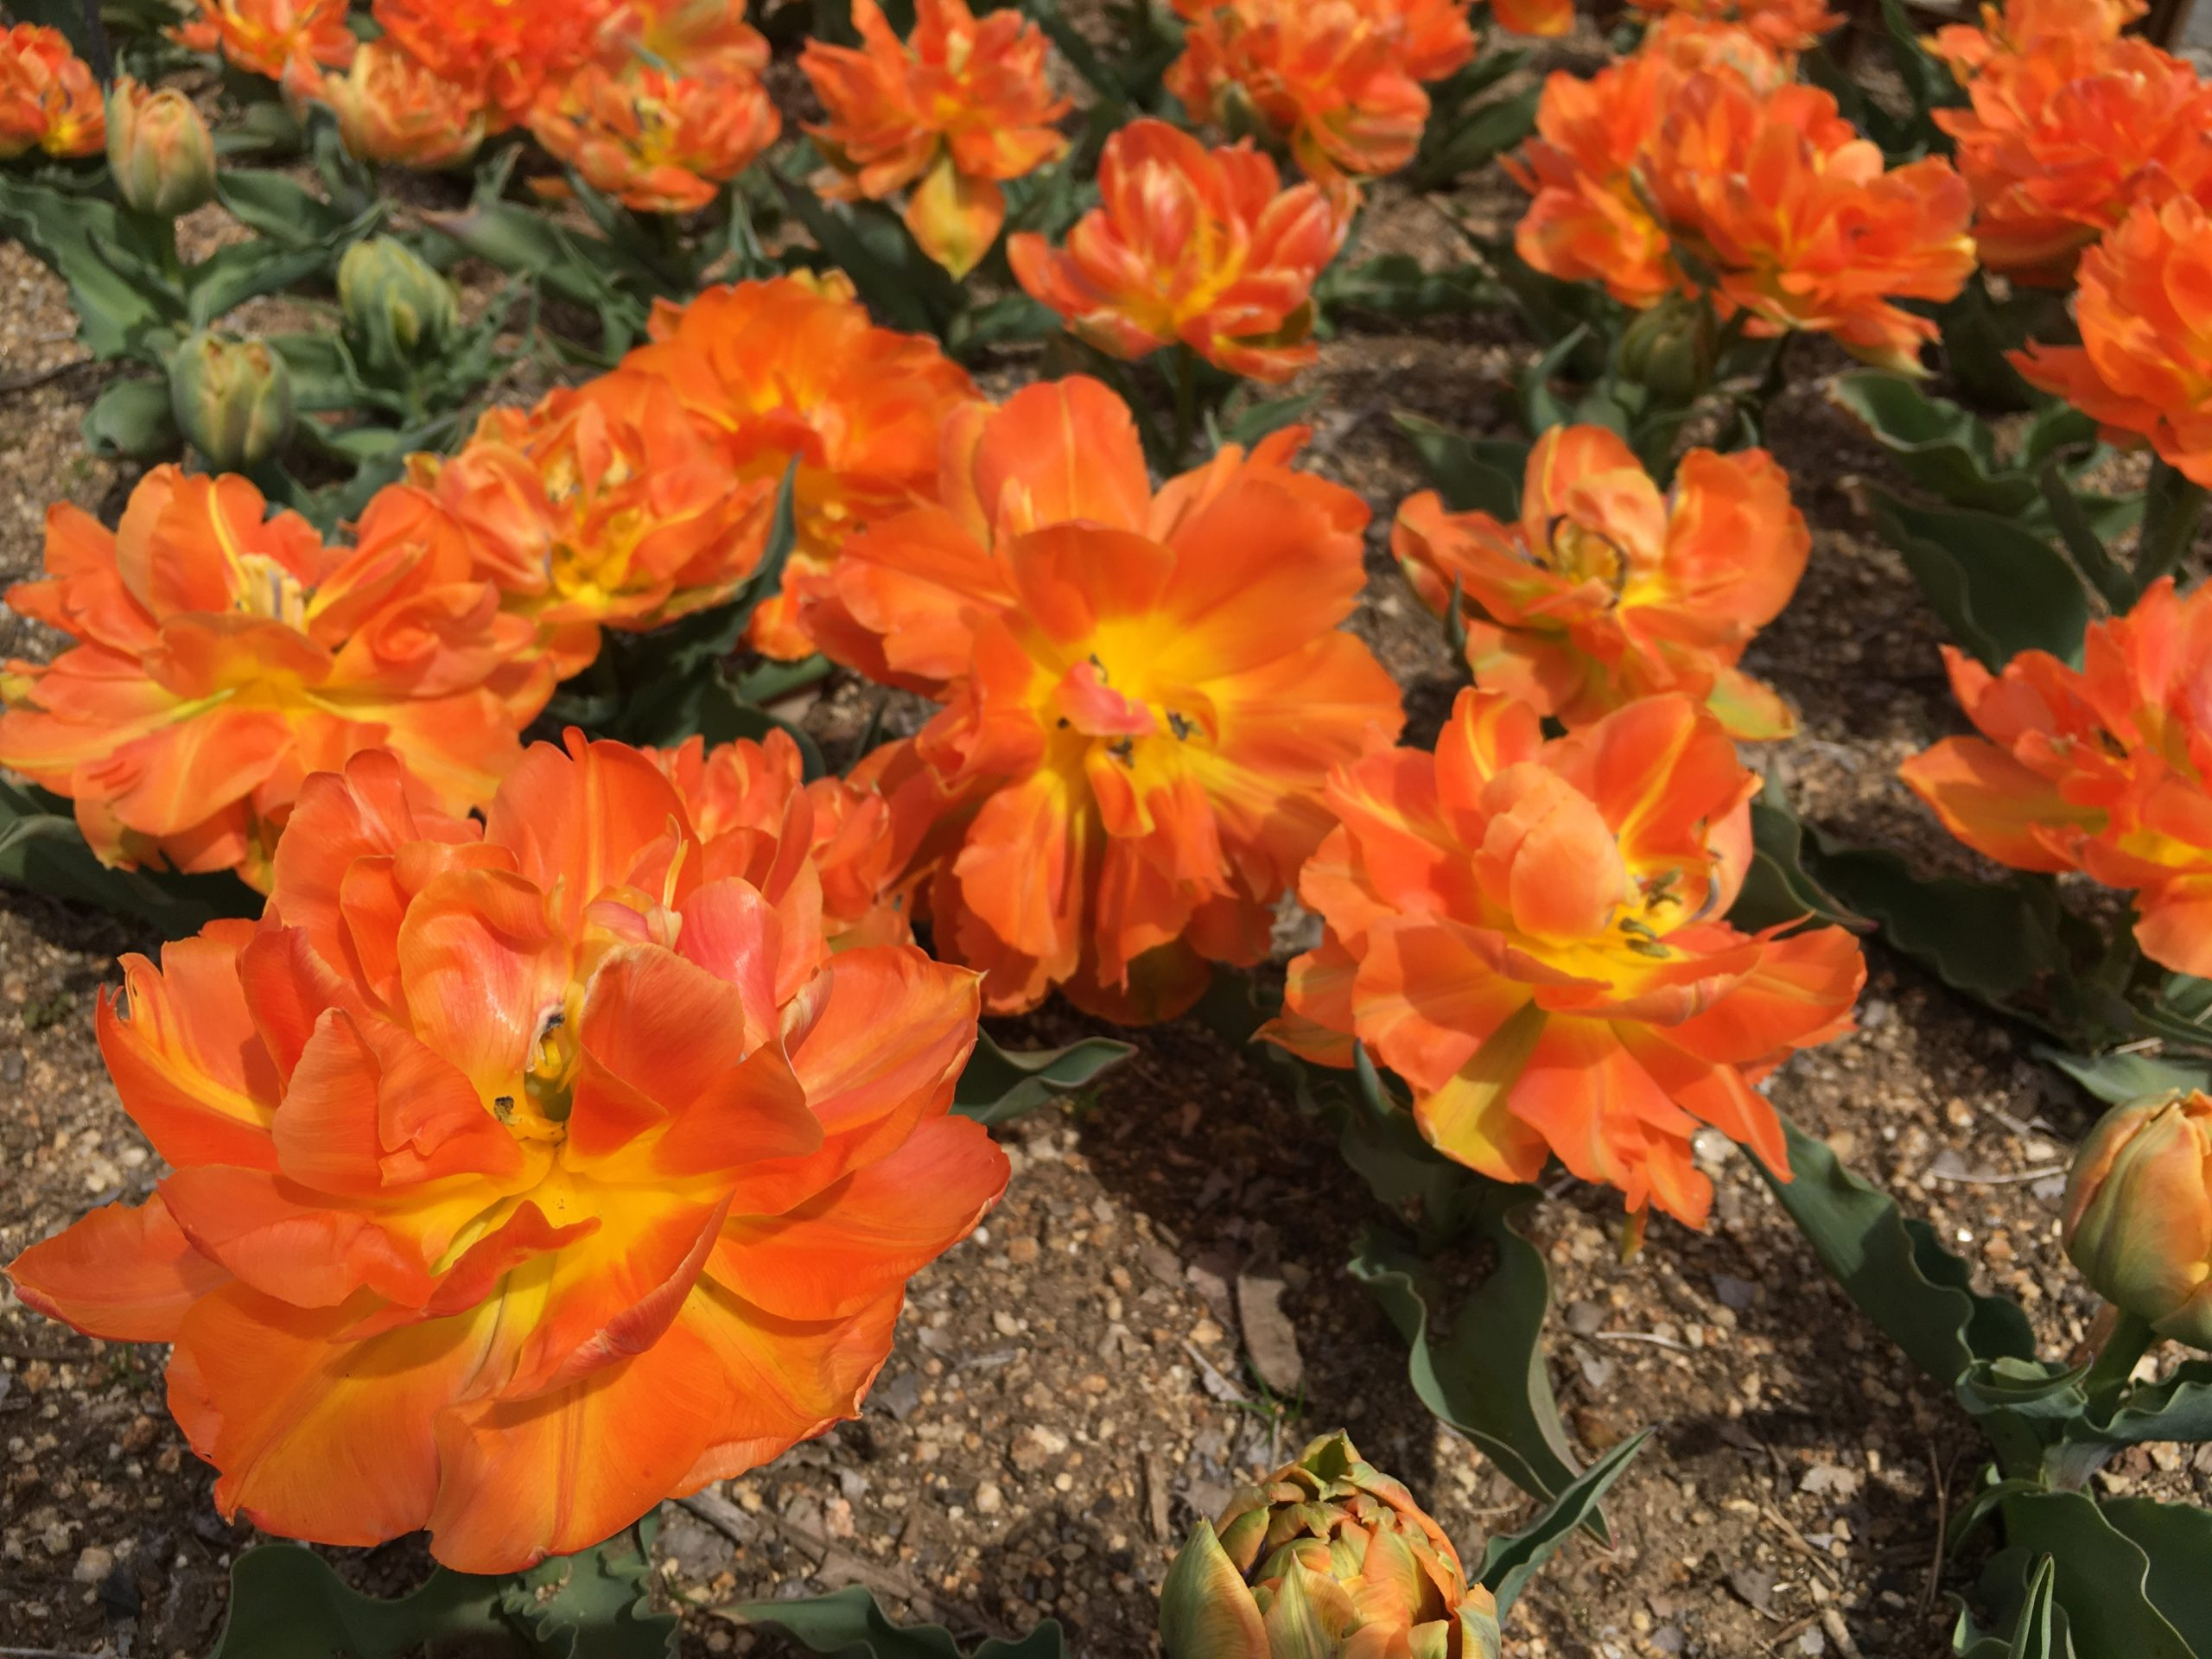 gifu-kisosansenkoen-tulip